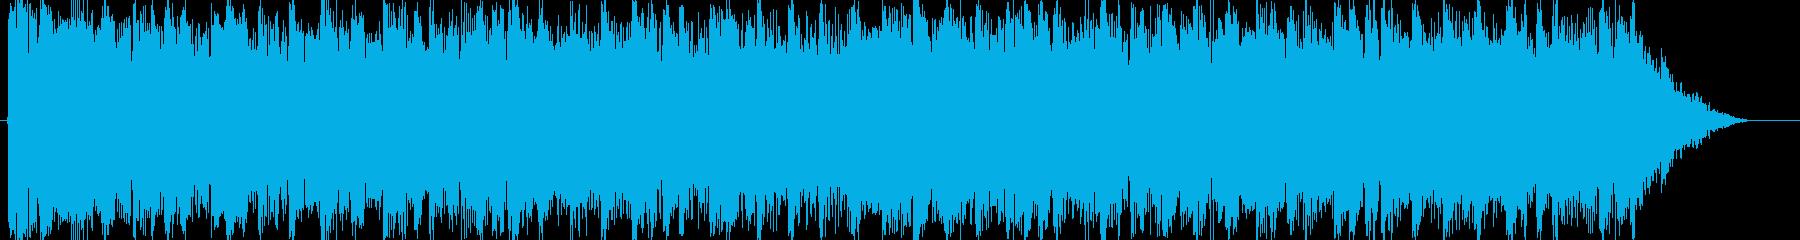 15秒用 ロック系 BGMの再生済みの波形